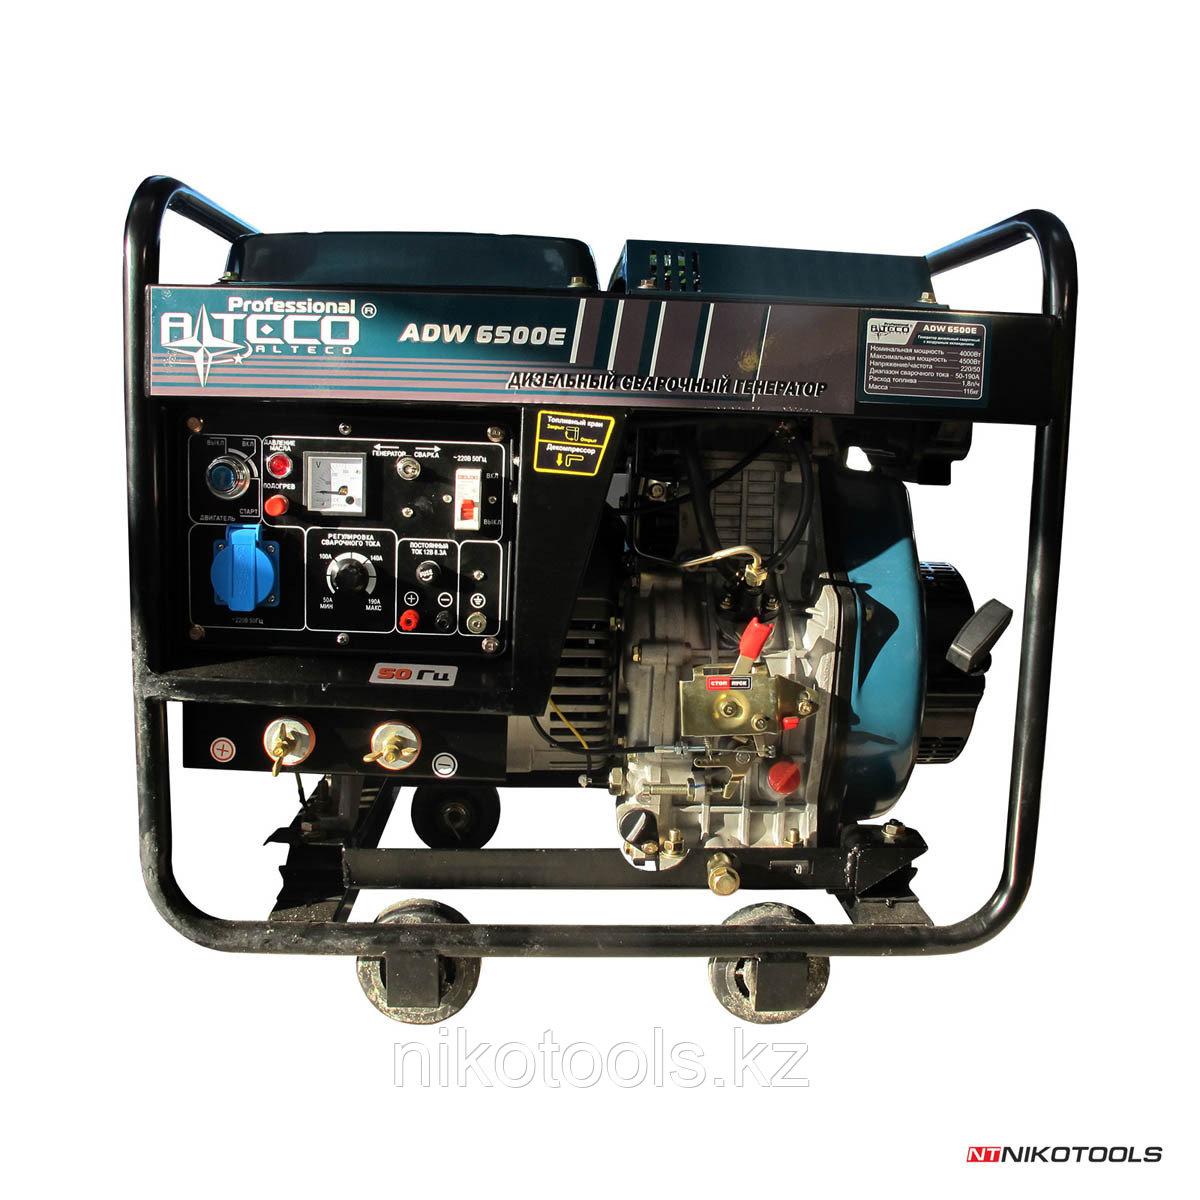 Генератор дизельный сварочный Alteco Profesional  ADW-180E (6500Е)